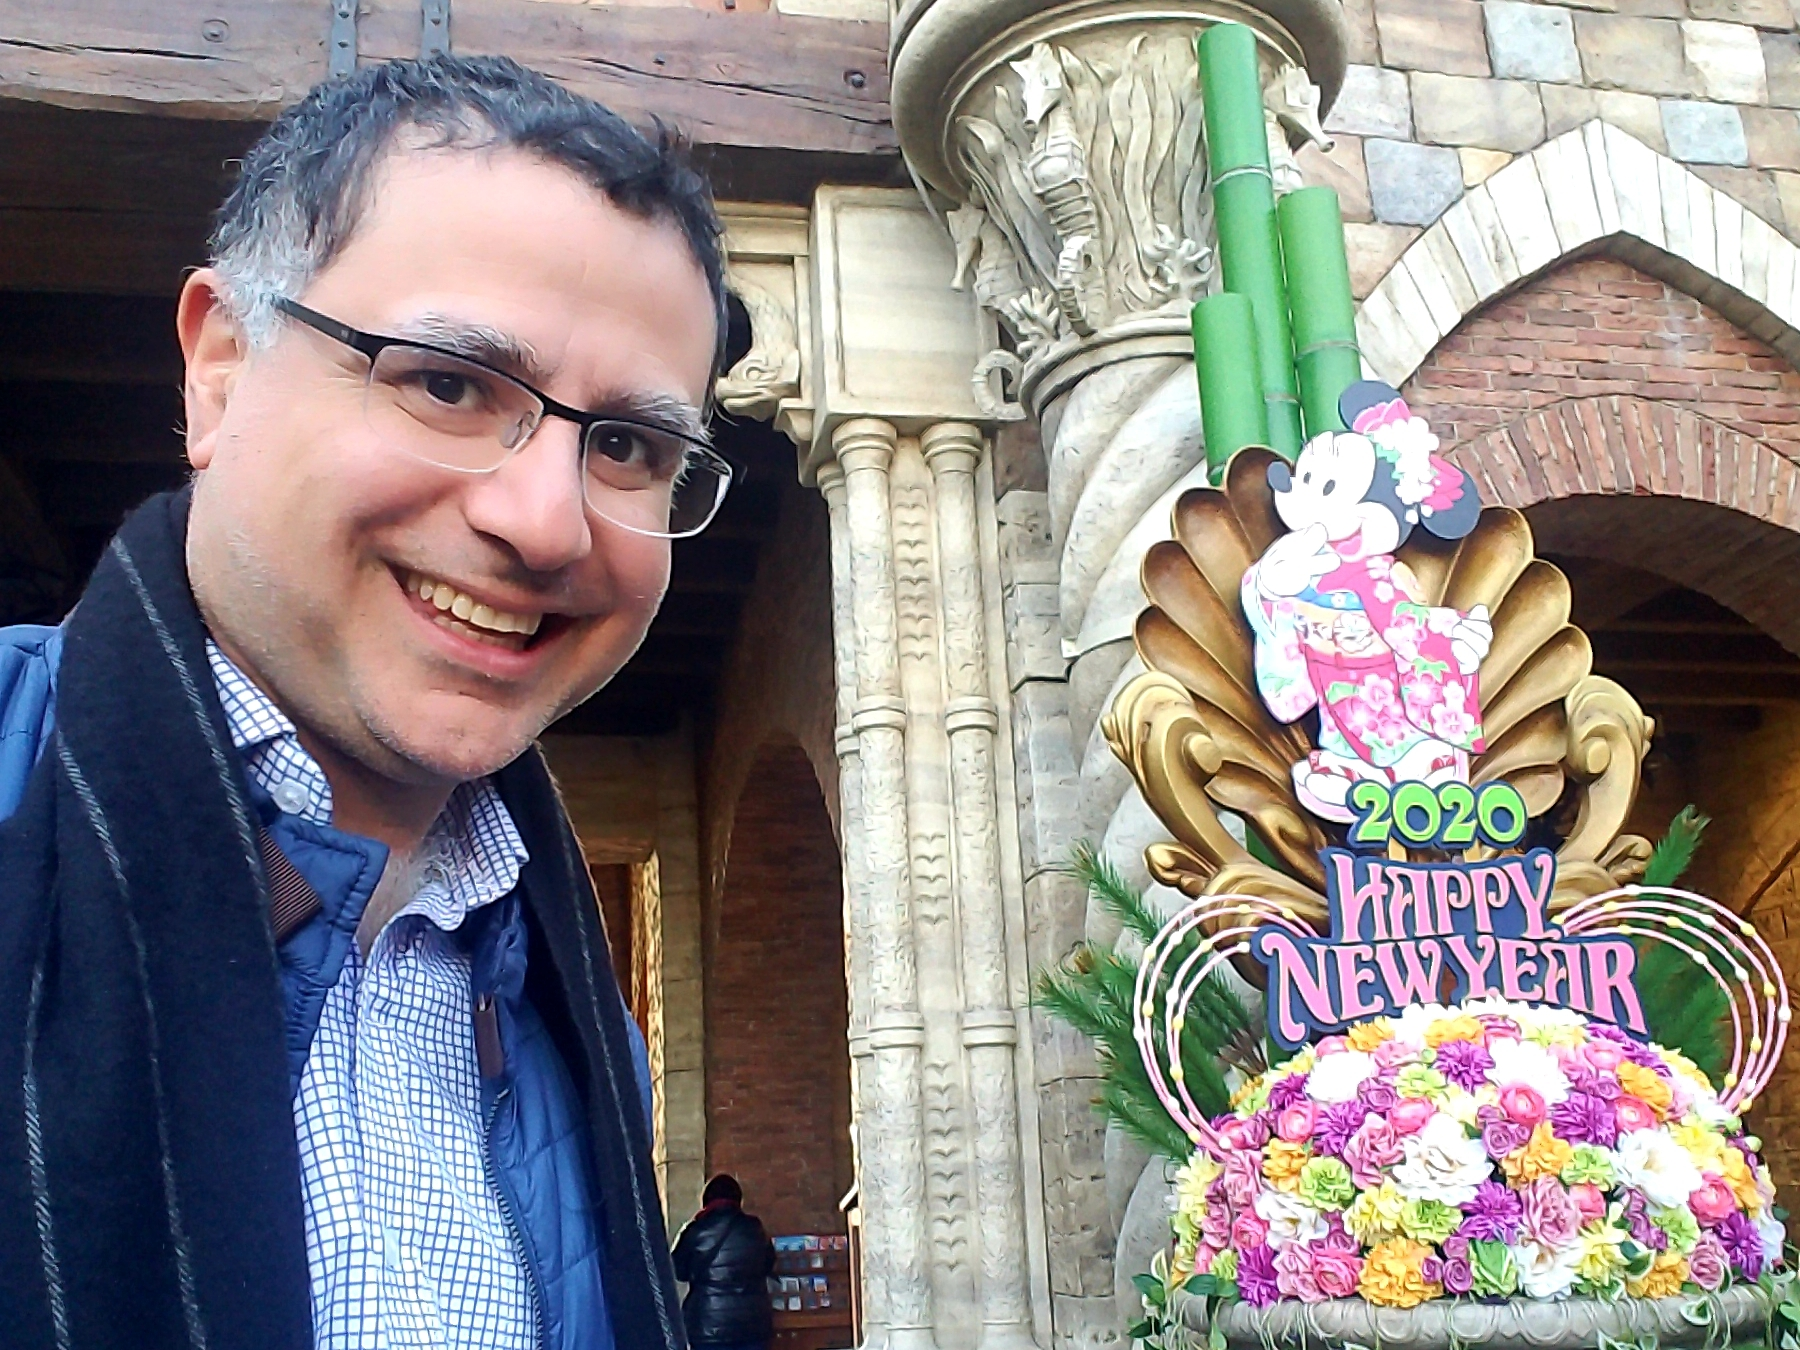 New Year's Day 2020 at Tokyo Disneyland and Tokyo DisneySea